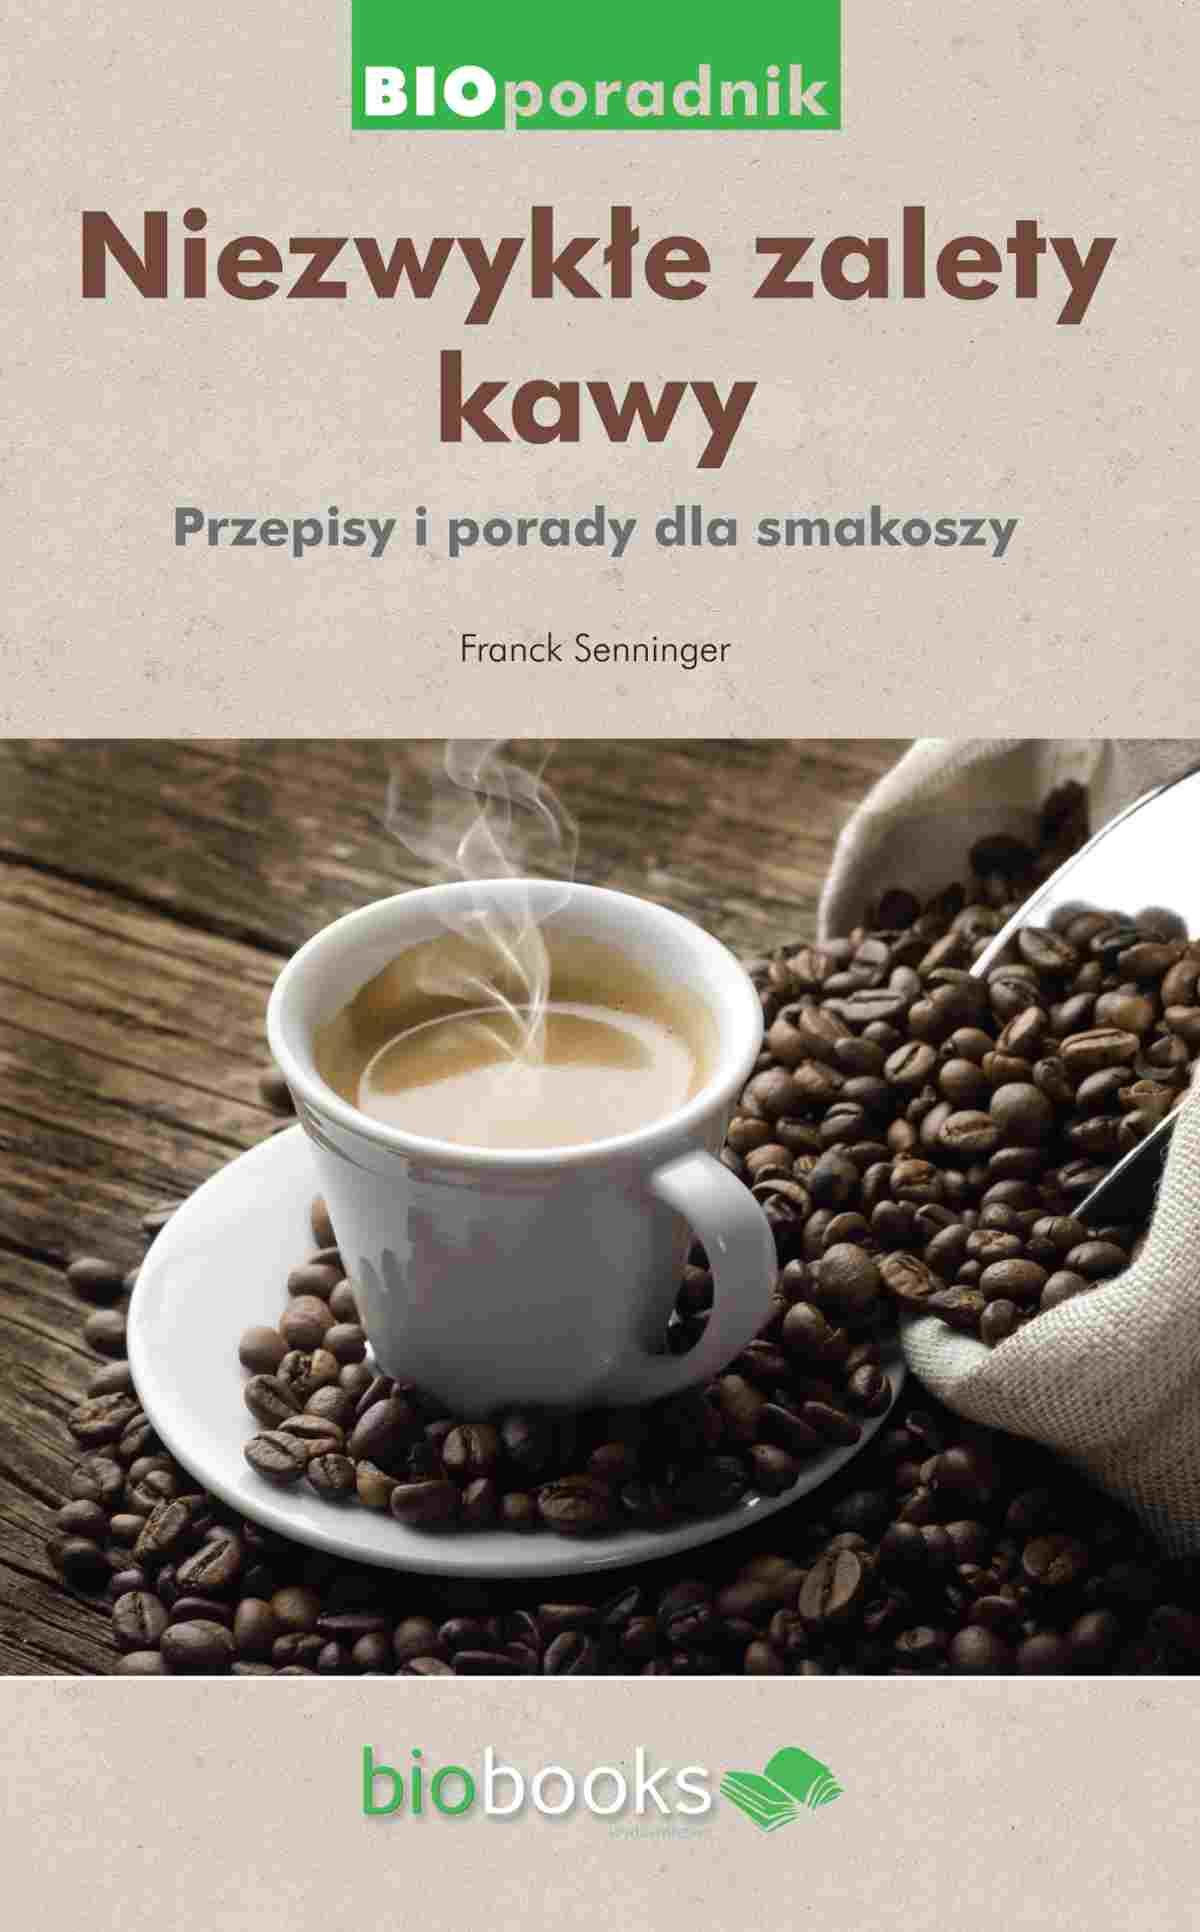 Niezwykłe zalety kawy. Przepisy i porady dla smakoszy - Ebook (Książka na Kindle) do pobrania w formacie MOBI